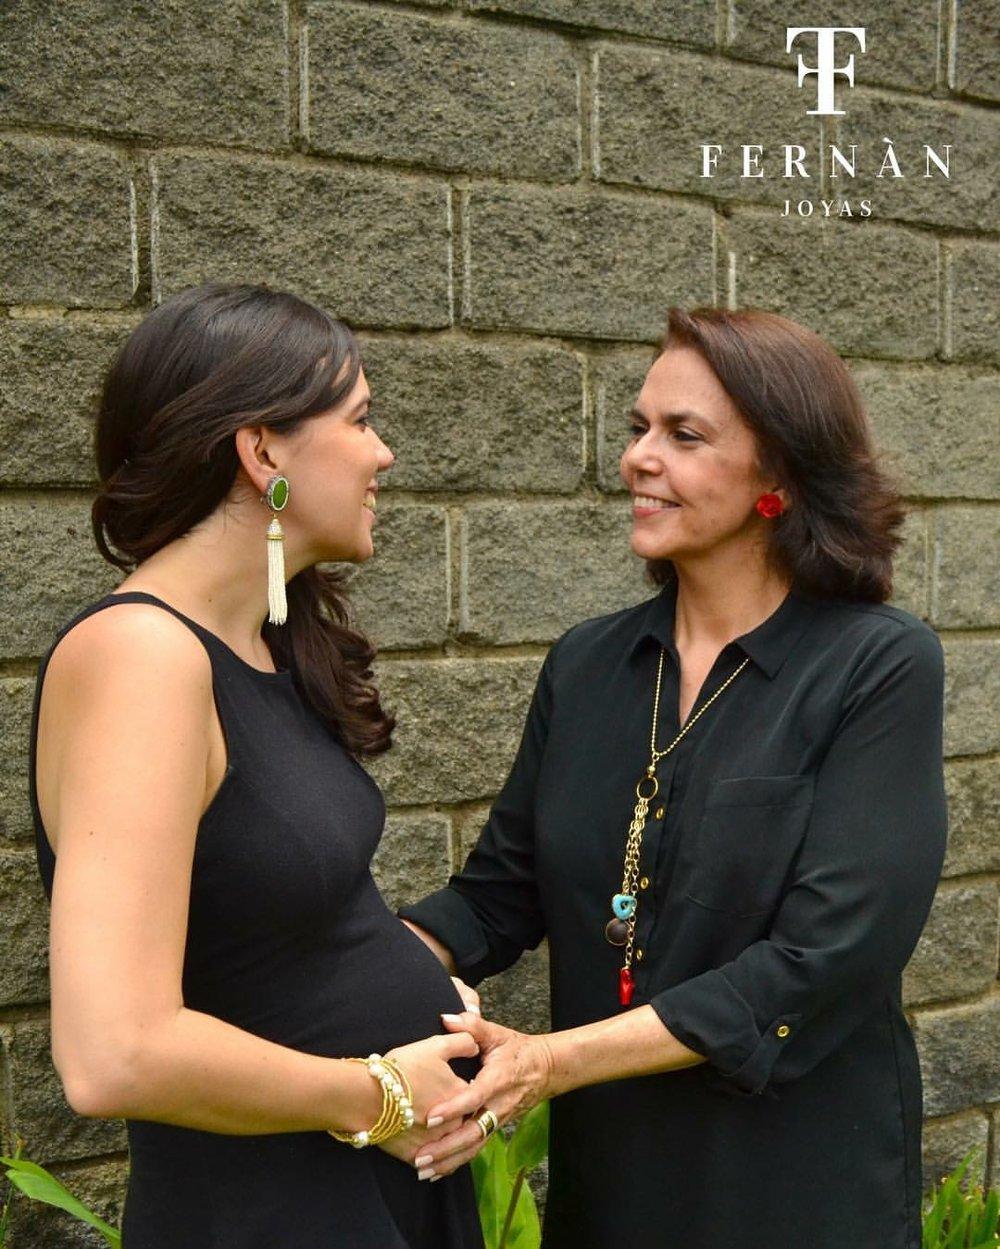 Con mi mamá que ha sido clave. La foto es cortesía de Fernán Joyas, de una sesión para el día de las madres.